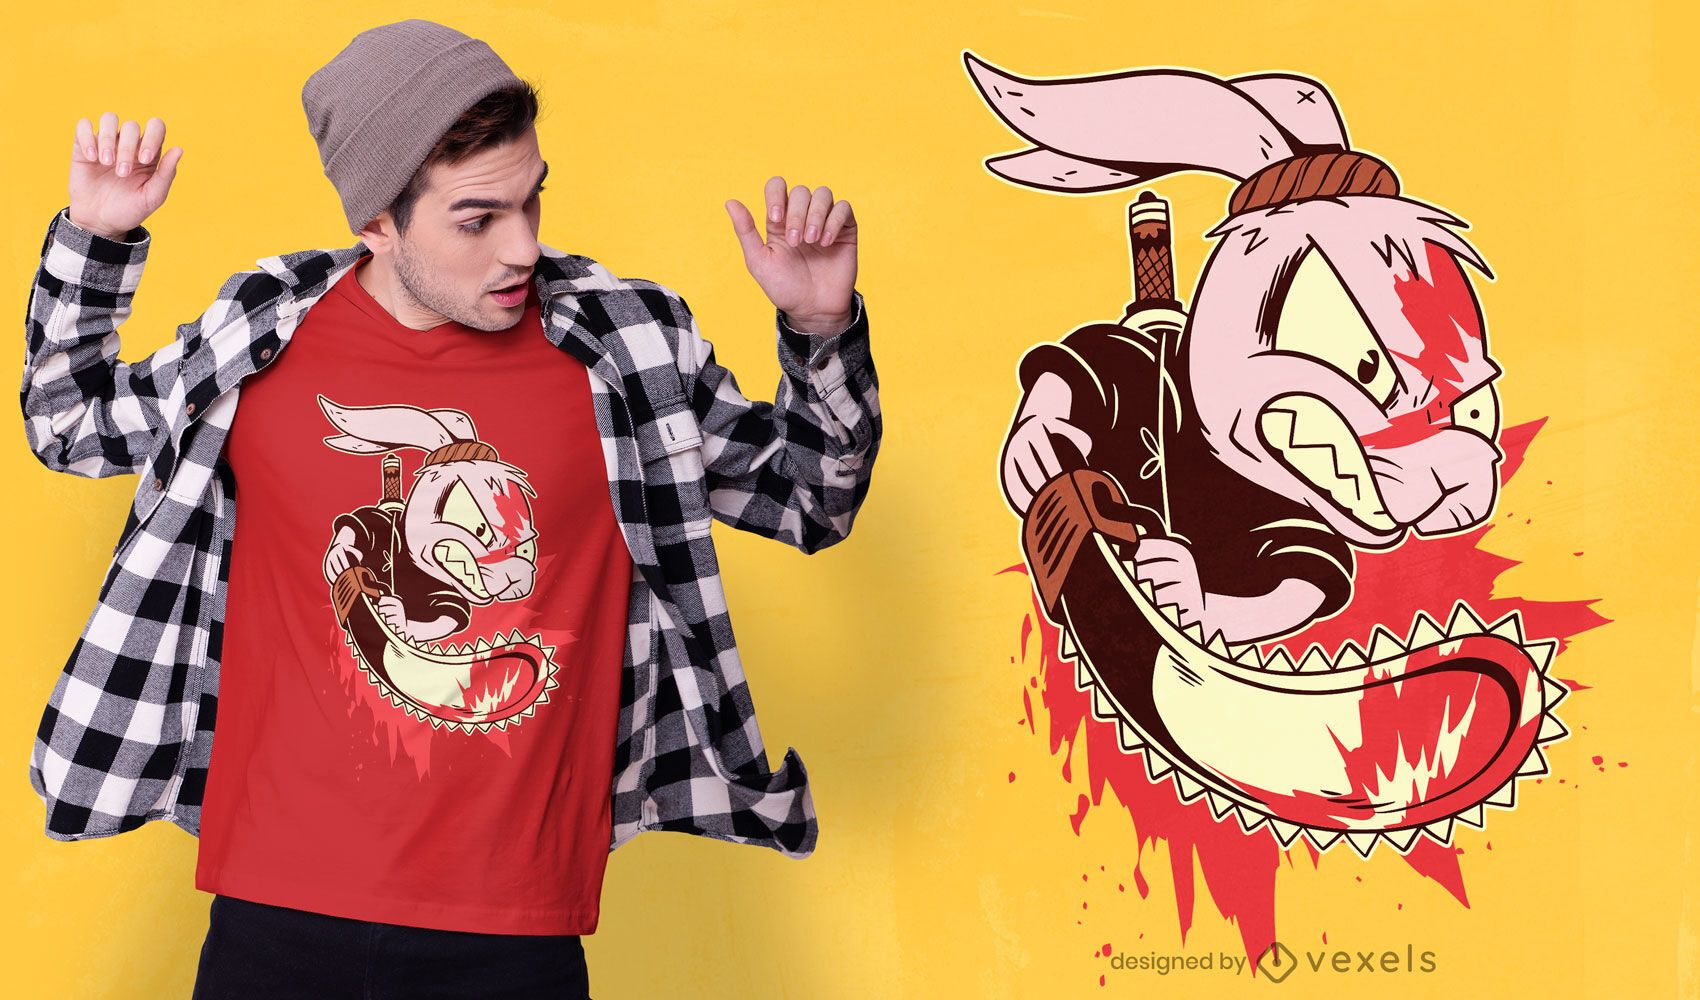 Dise?o de camiseta de conejo asesino